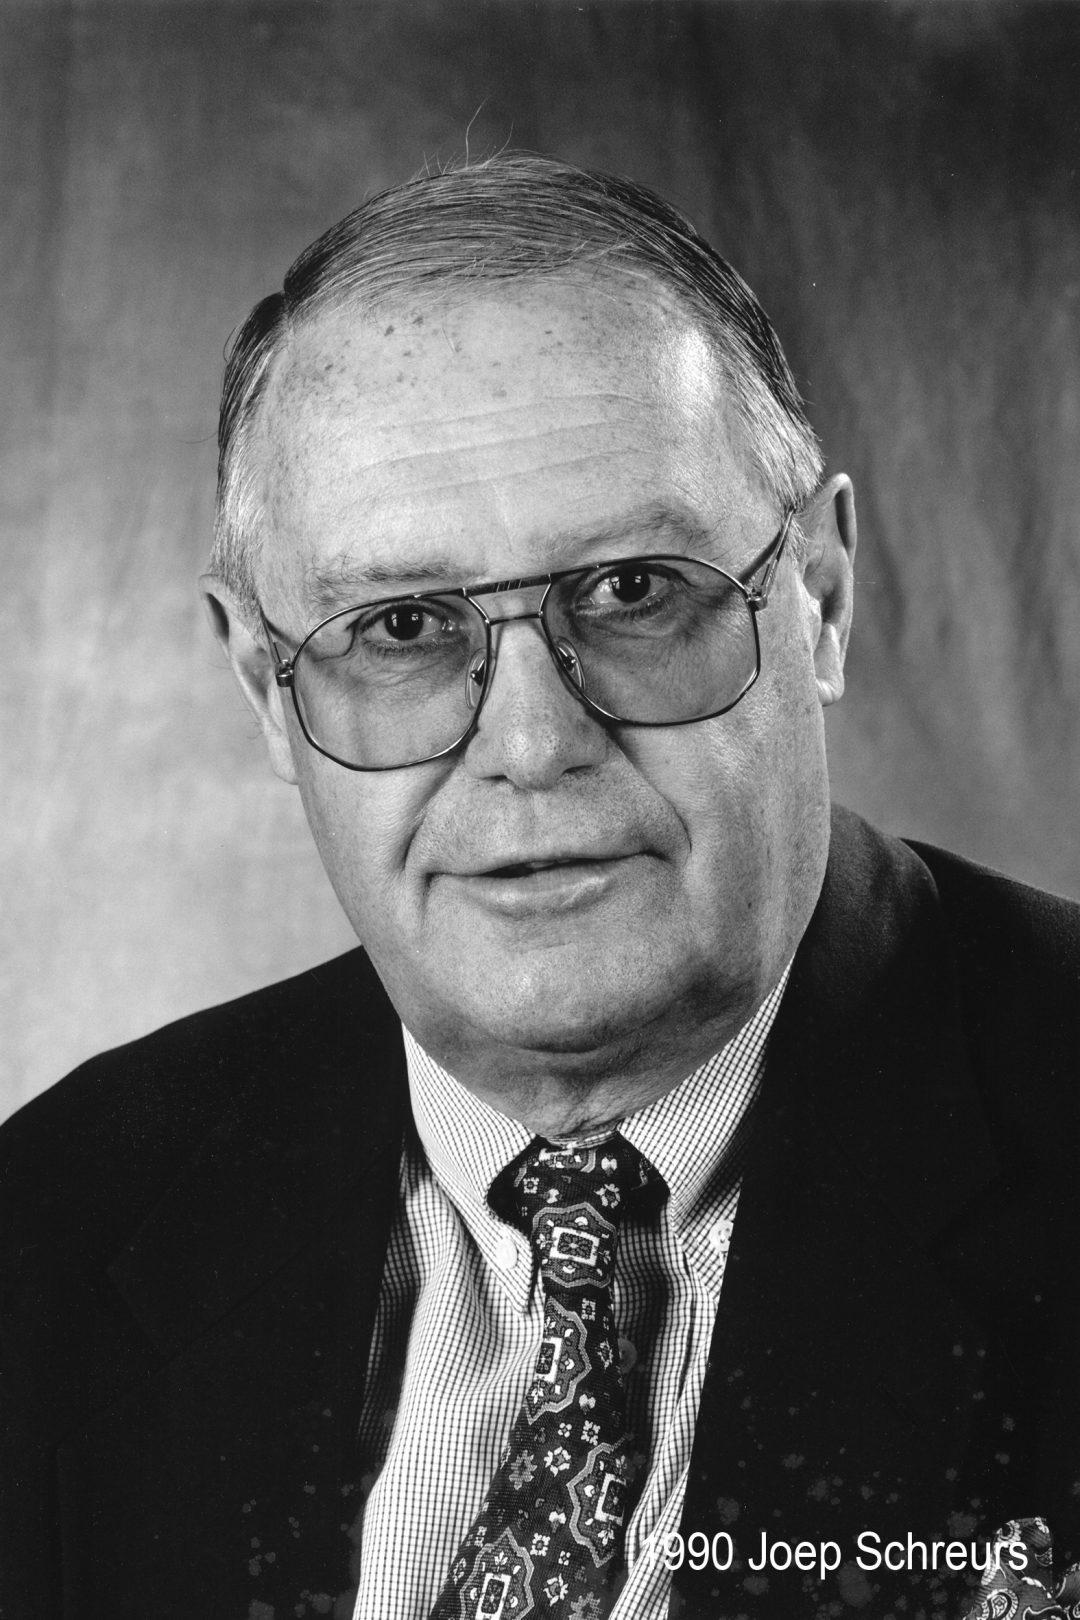 1990 – Joep Schreurs